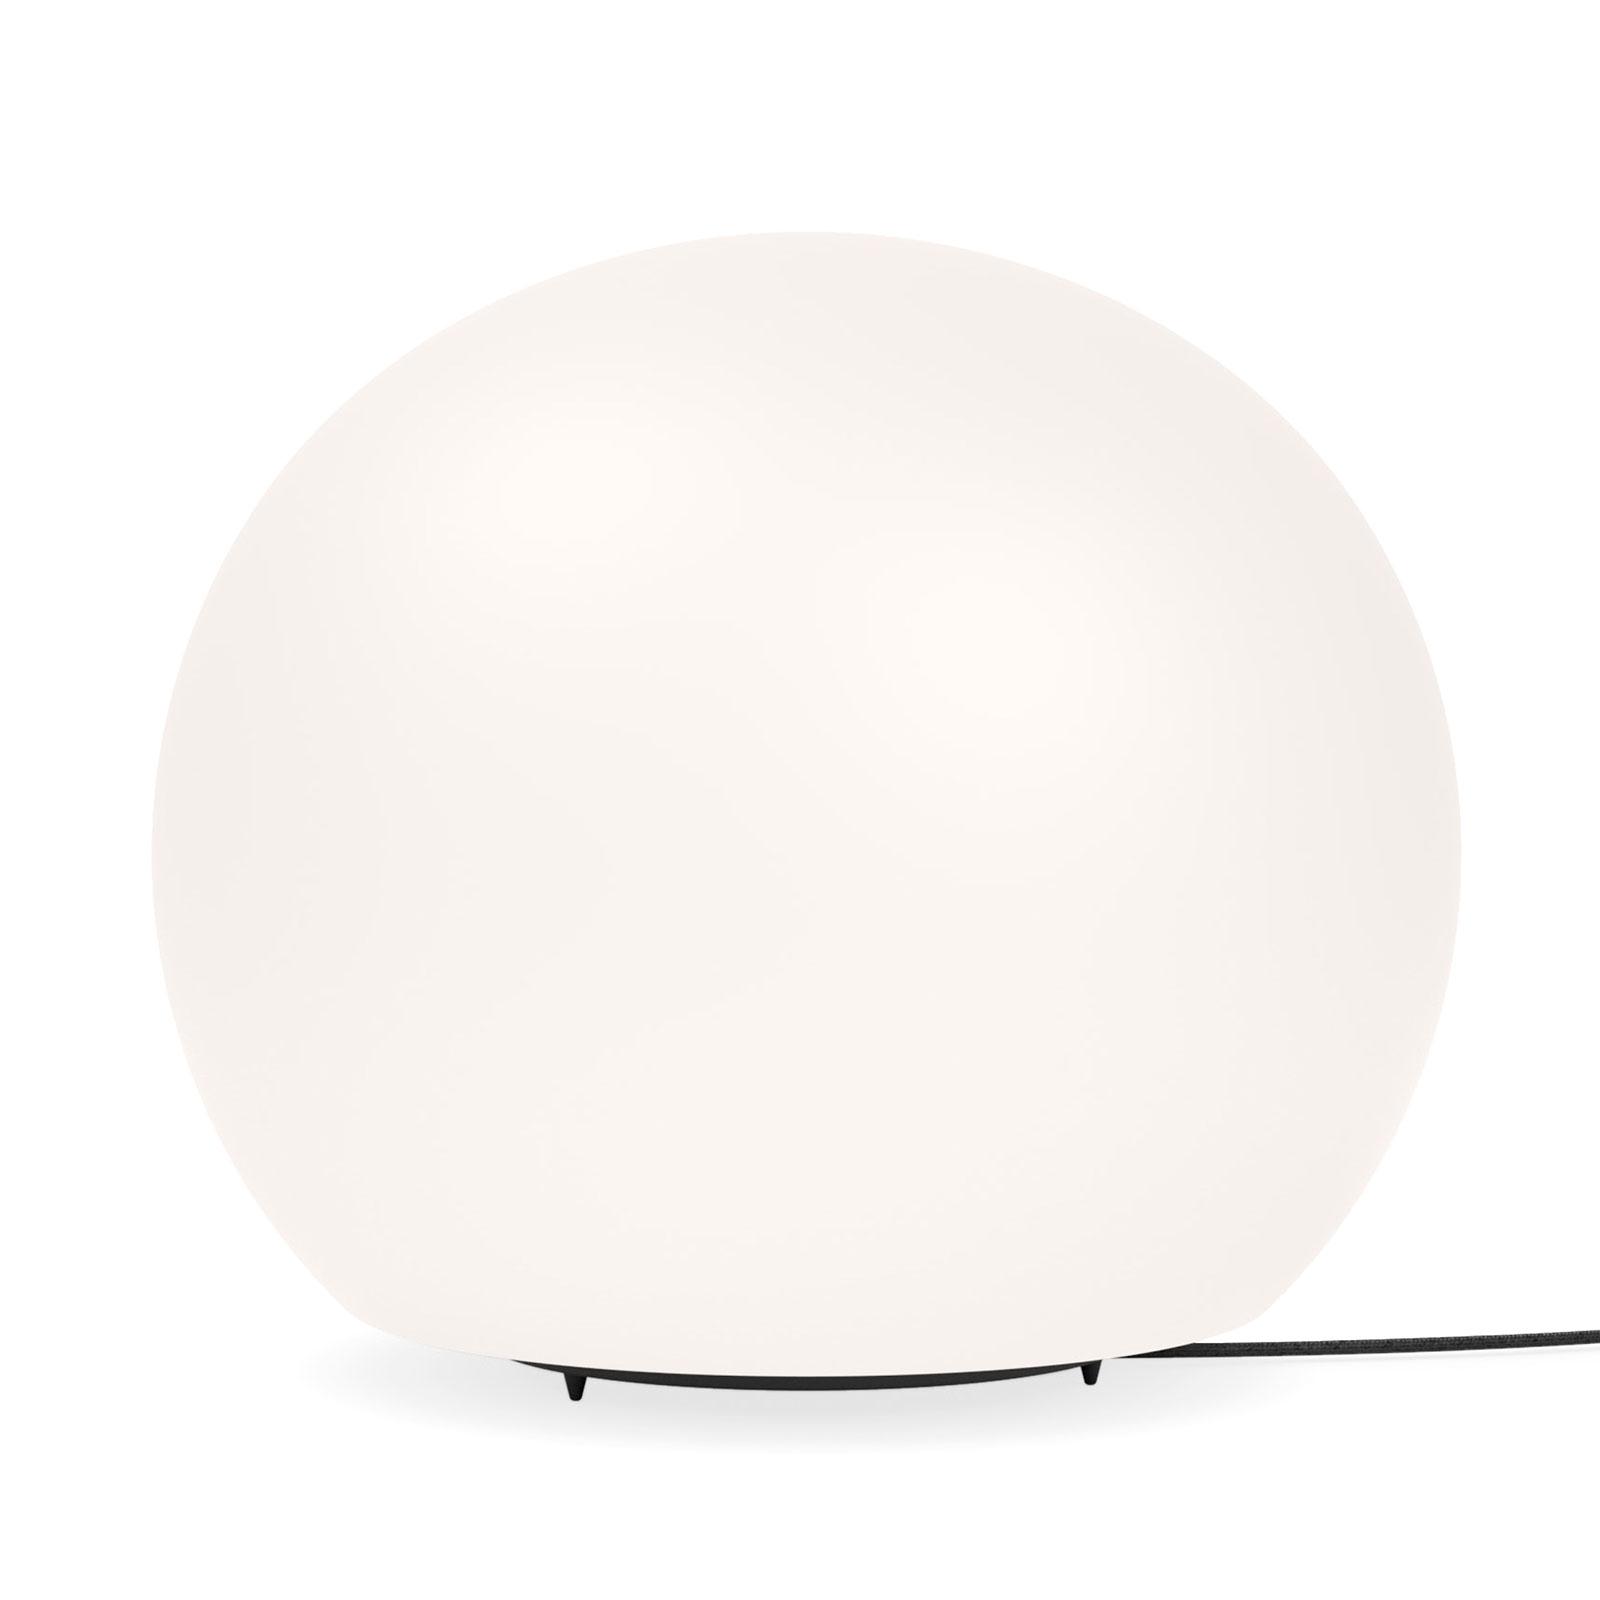 WEVER & DUCRÉ Dro 3.0 Tischleuchte schwarz-weiß